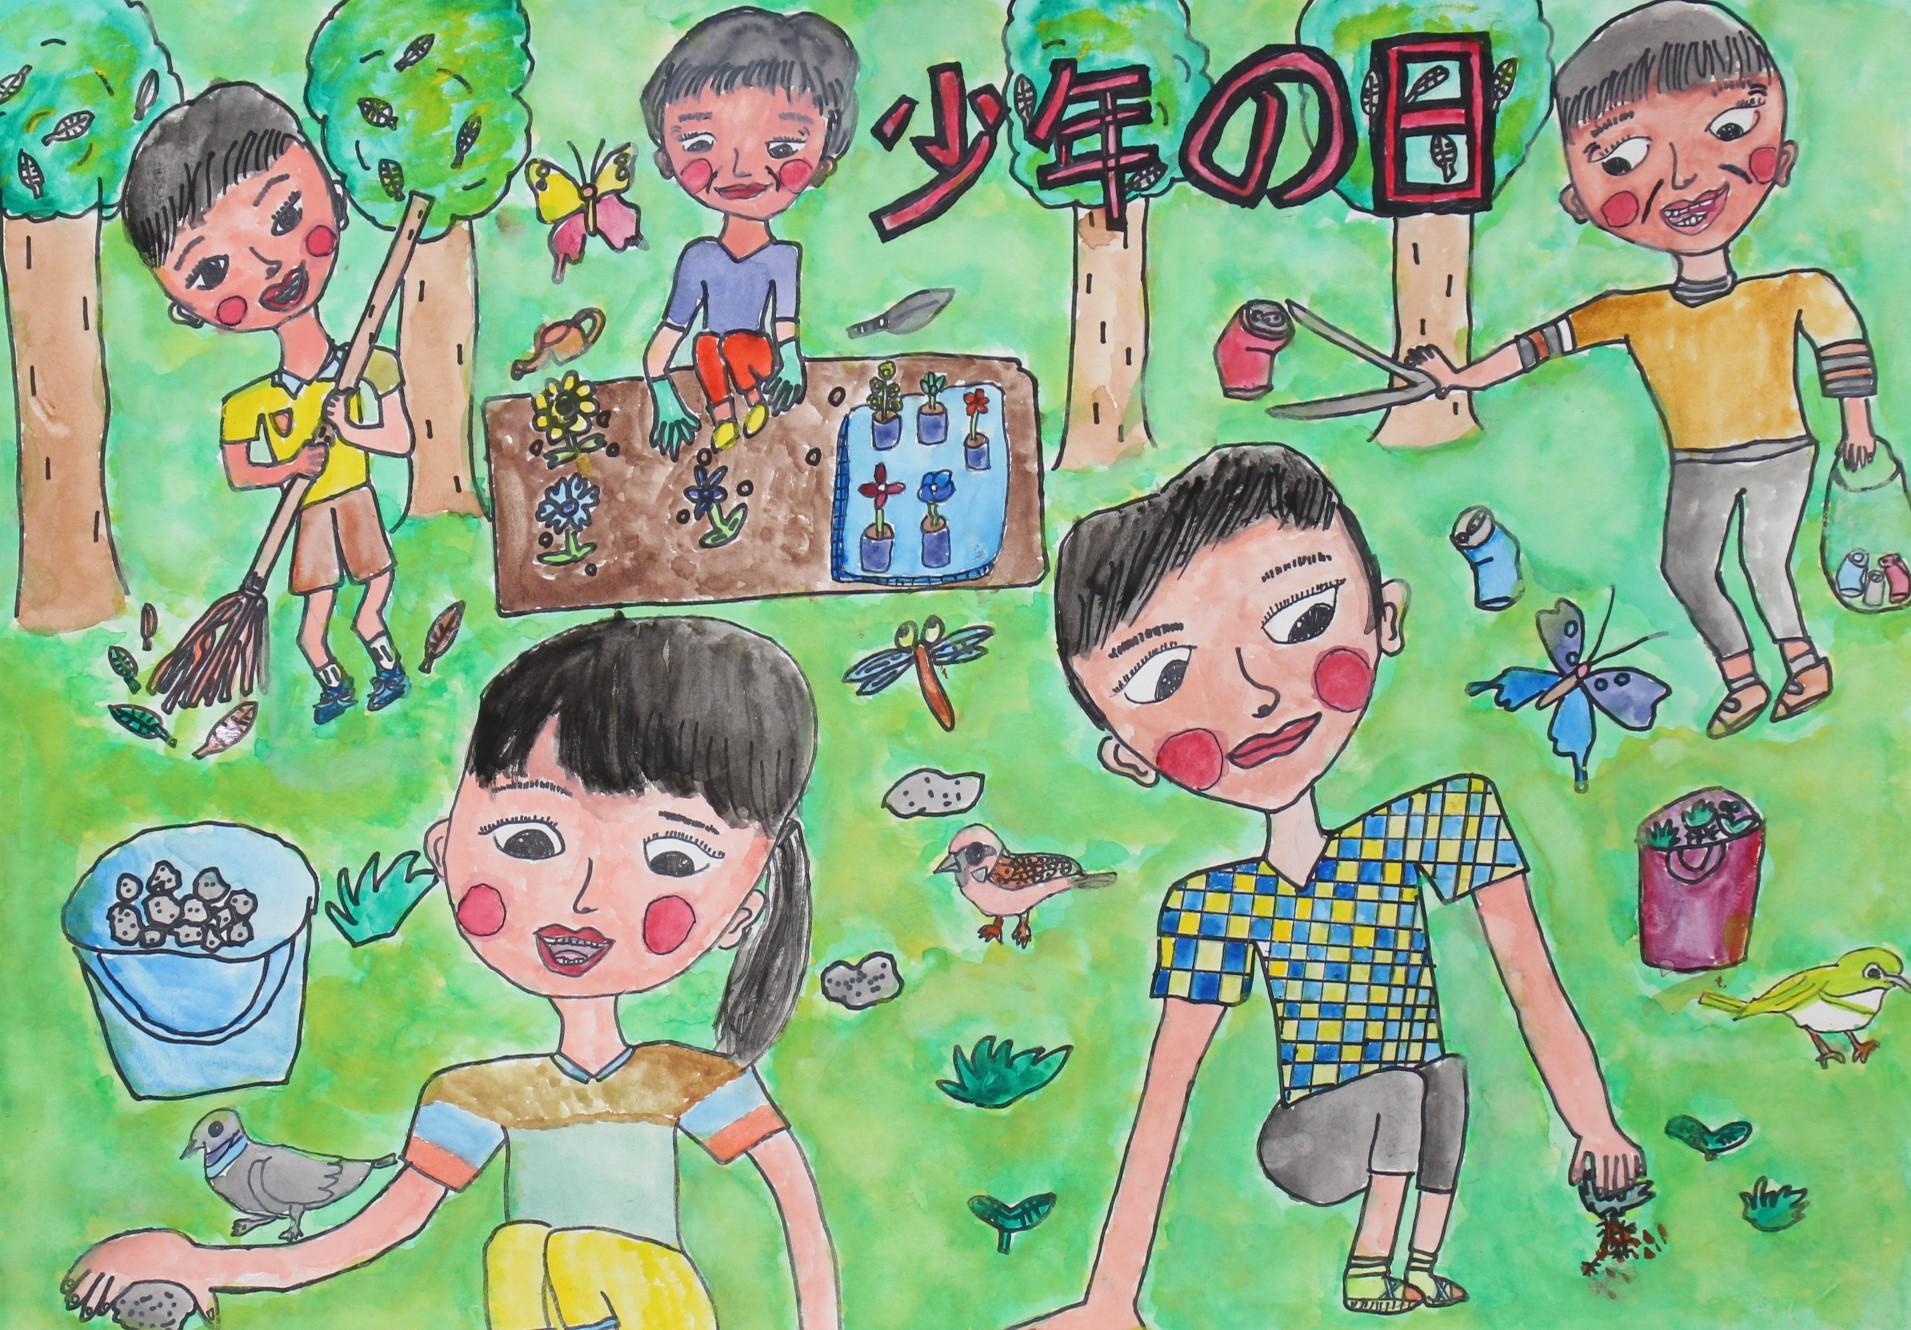 優良賞-宮崎市立加納小学校 4年 冨田 夏奈(とみた かな)さん